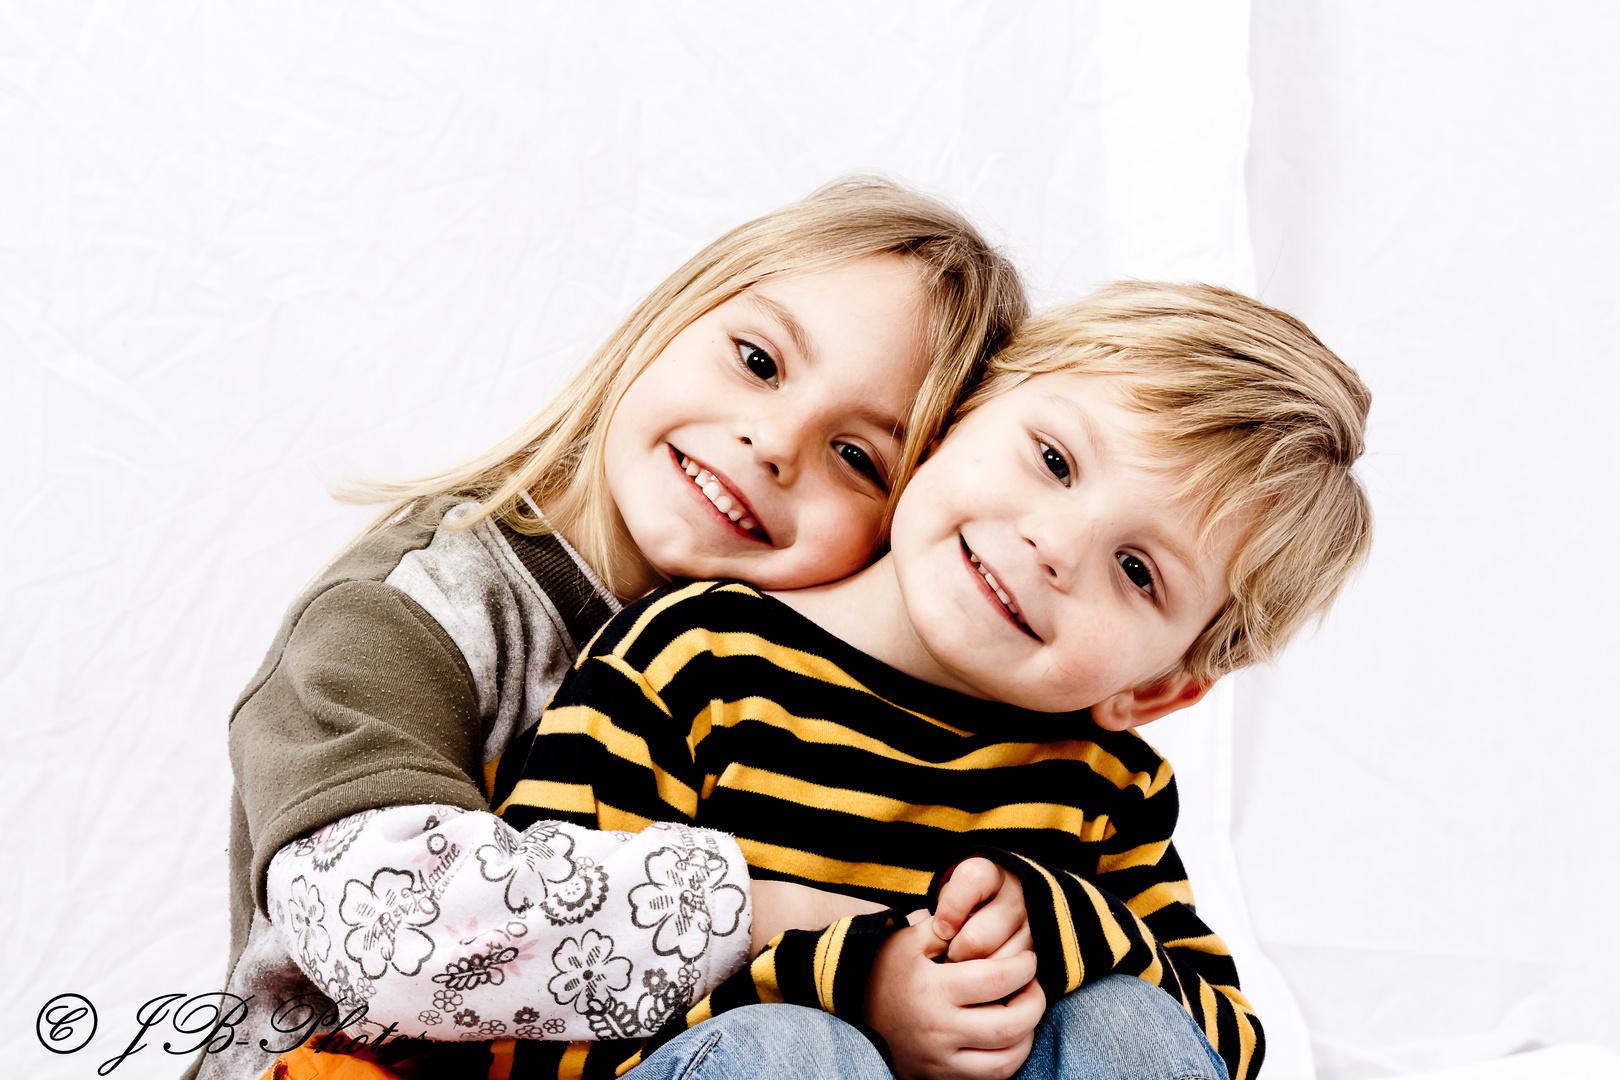 Bruder und Schwestern stockbild. Bild von kopf, kind